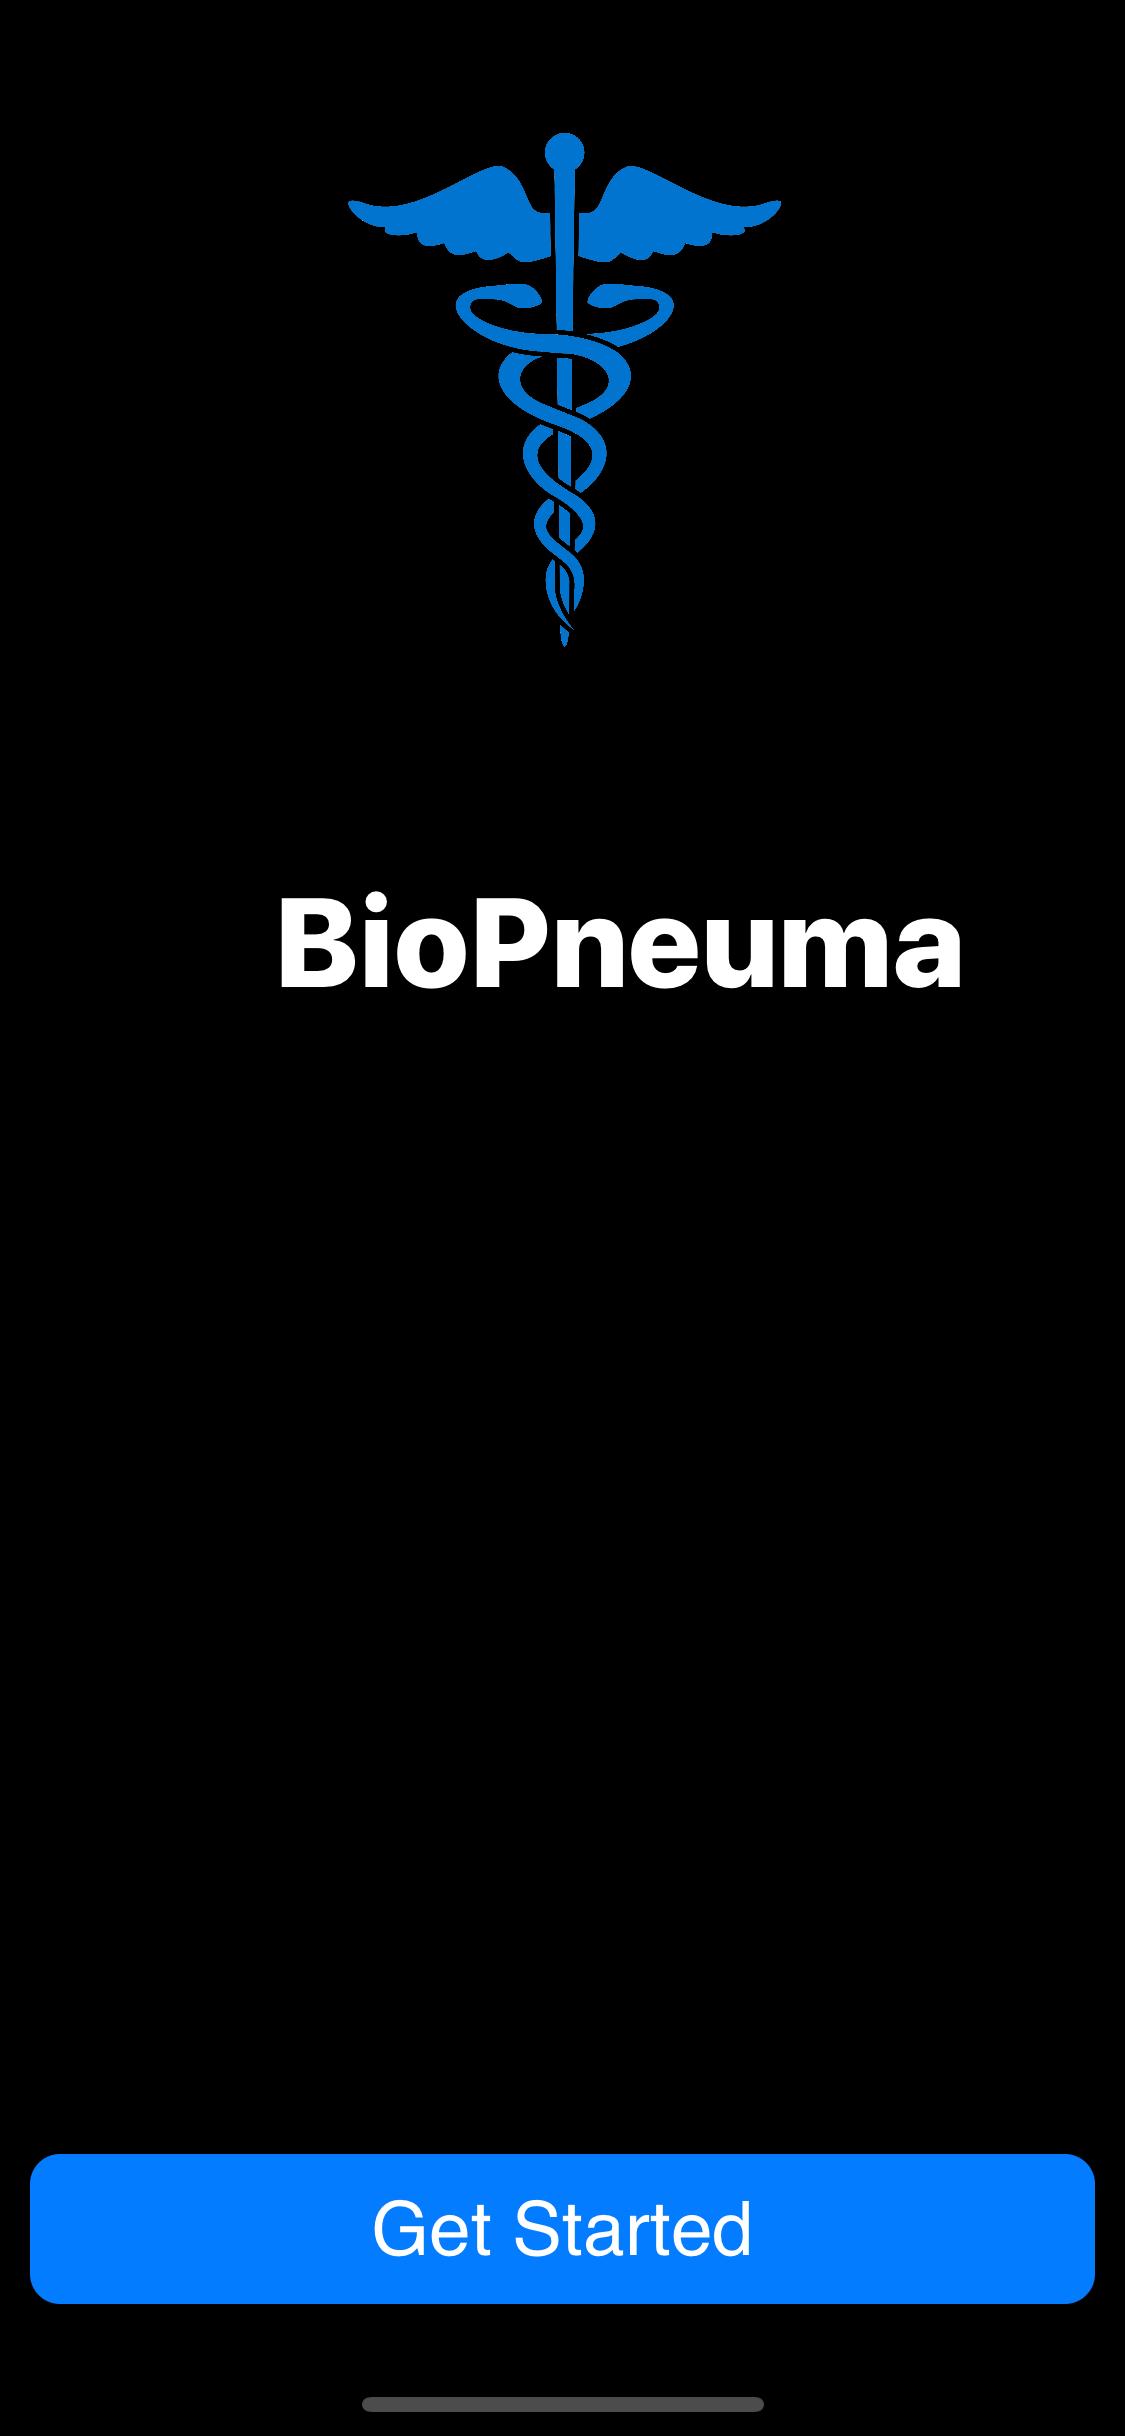 BioPneuma